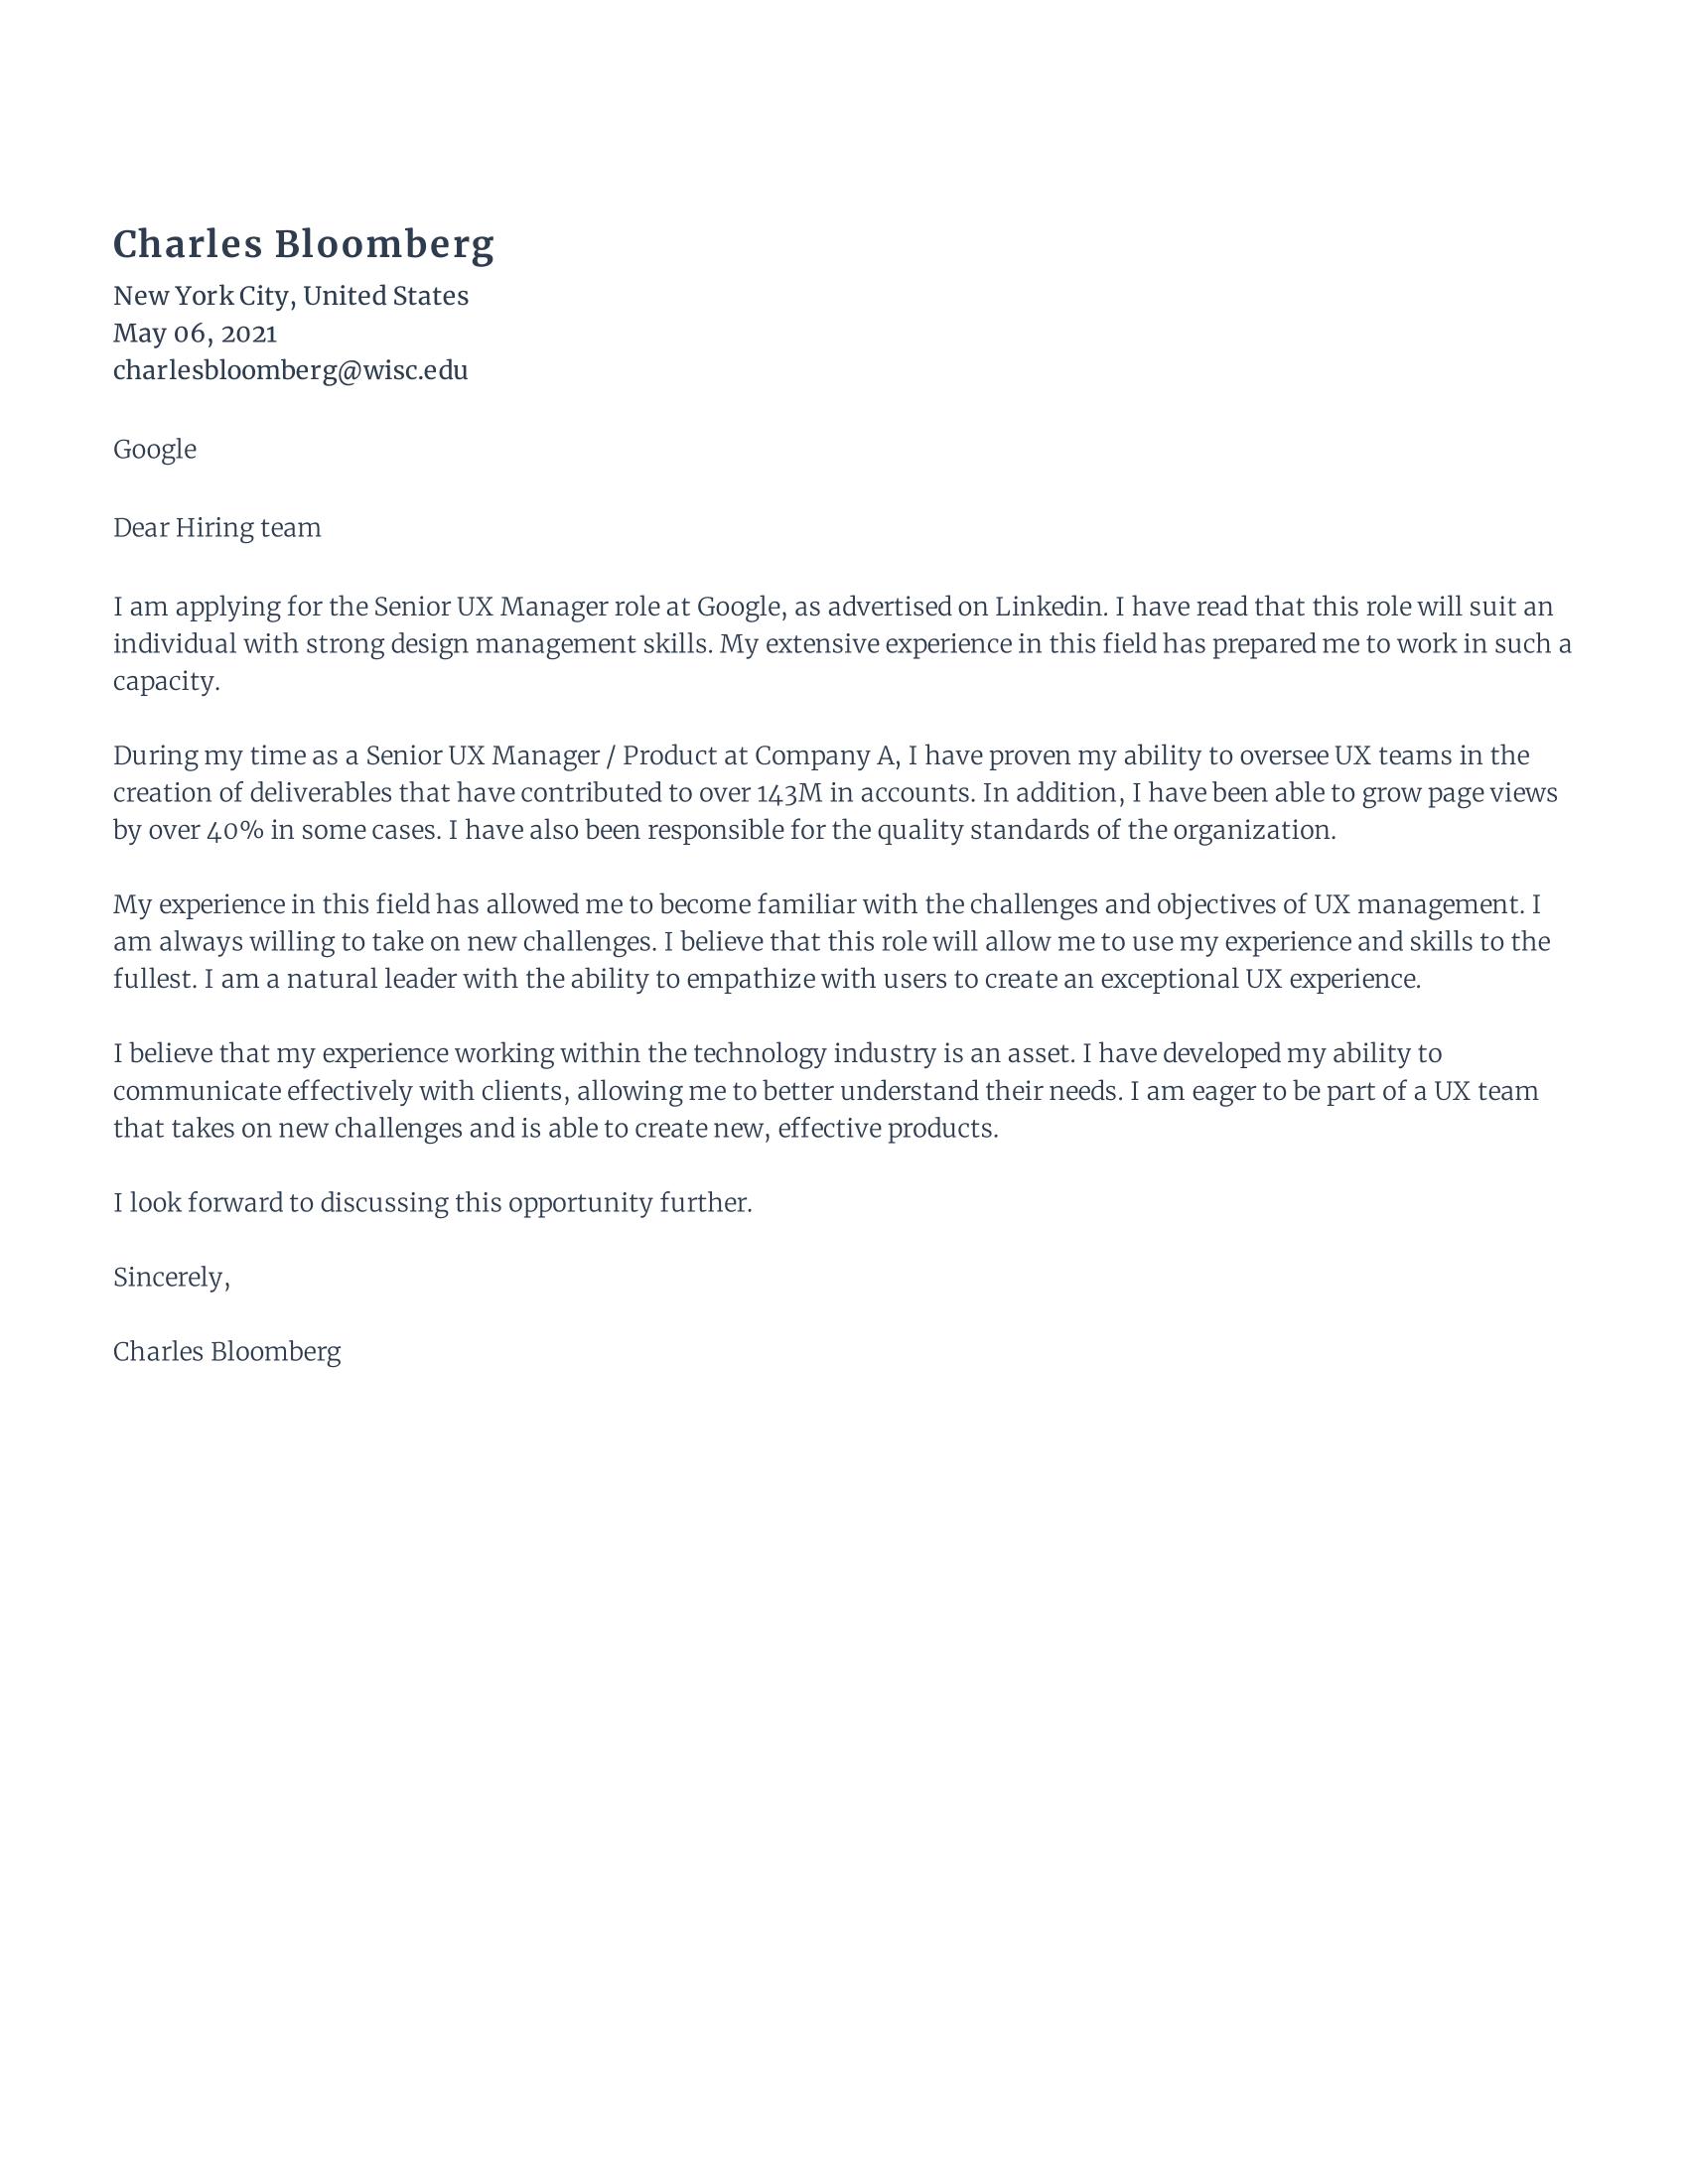 senior UX Manager cover letter